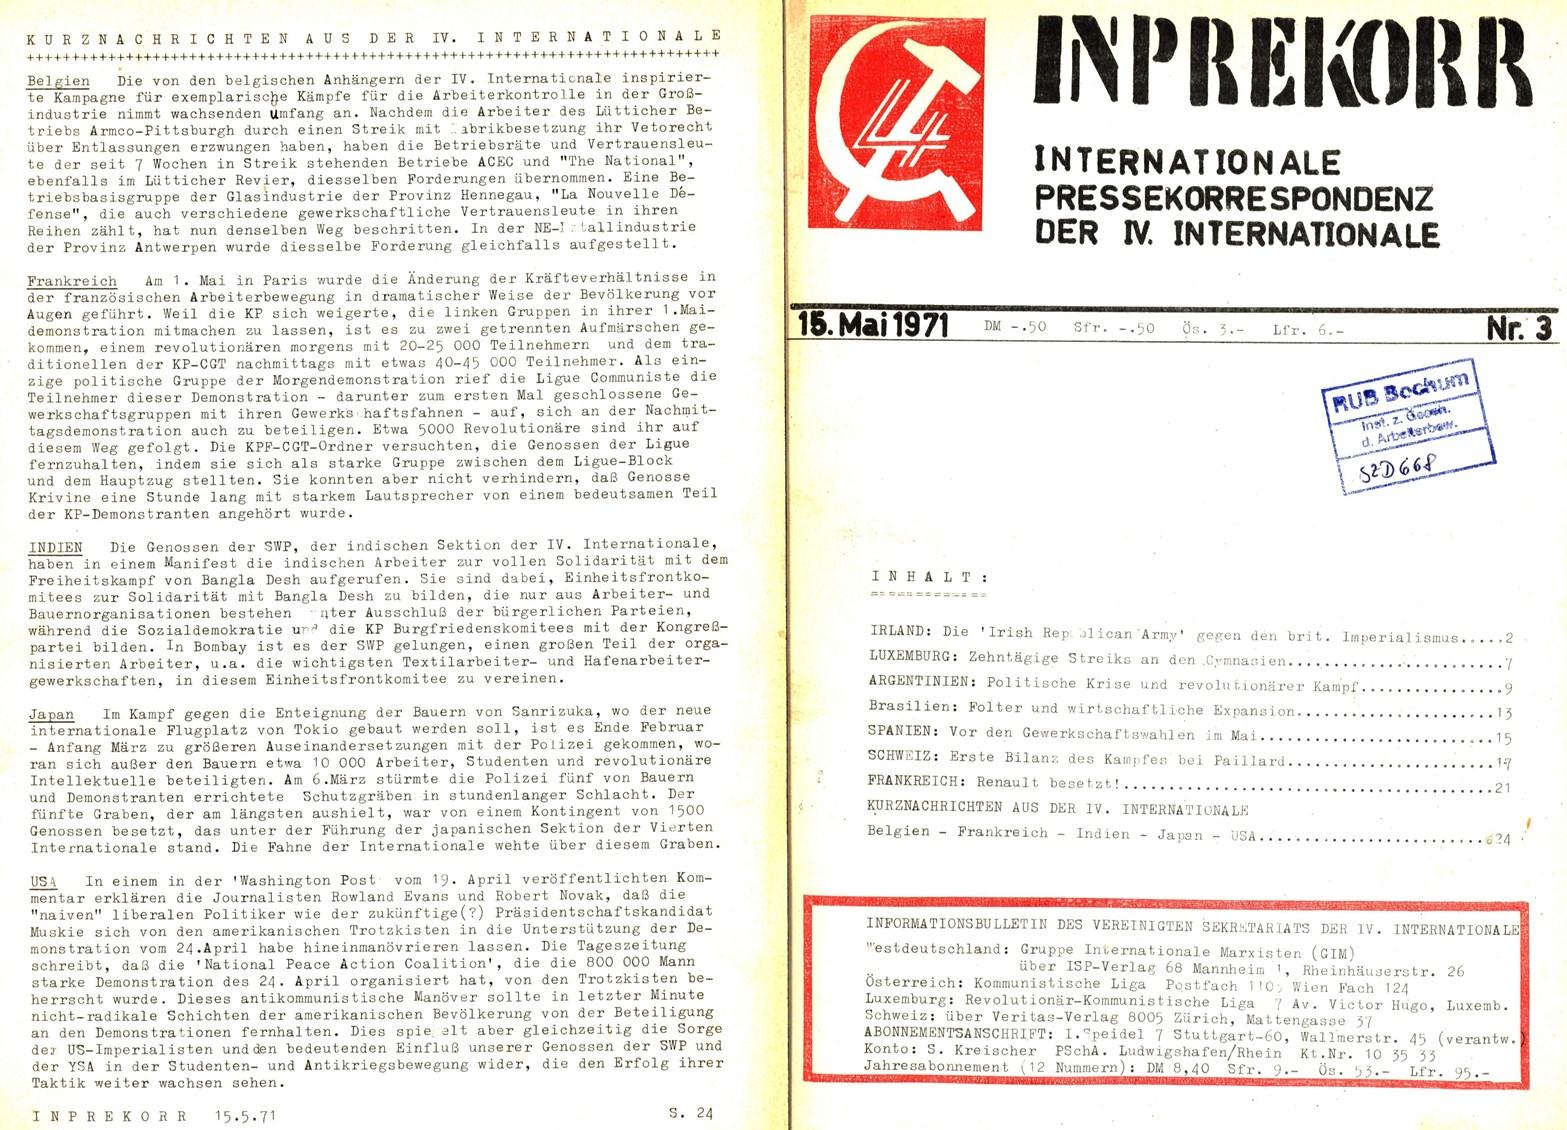 Inprekorr_19710515_003_001